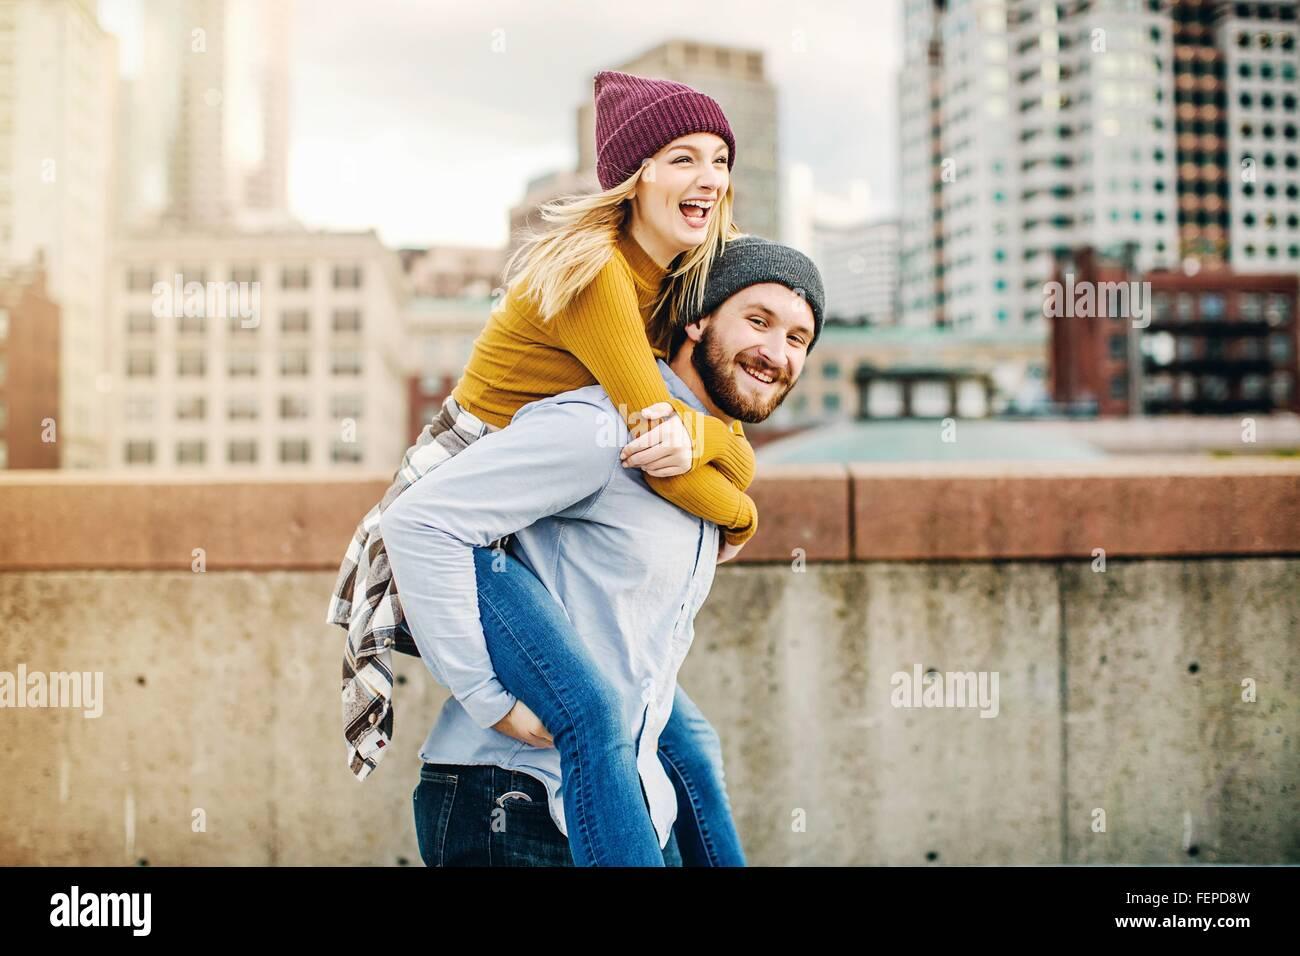 Young man giving girlfriend piggyback sur un toit-terrasse de la ville Photo Stock